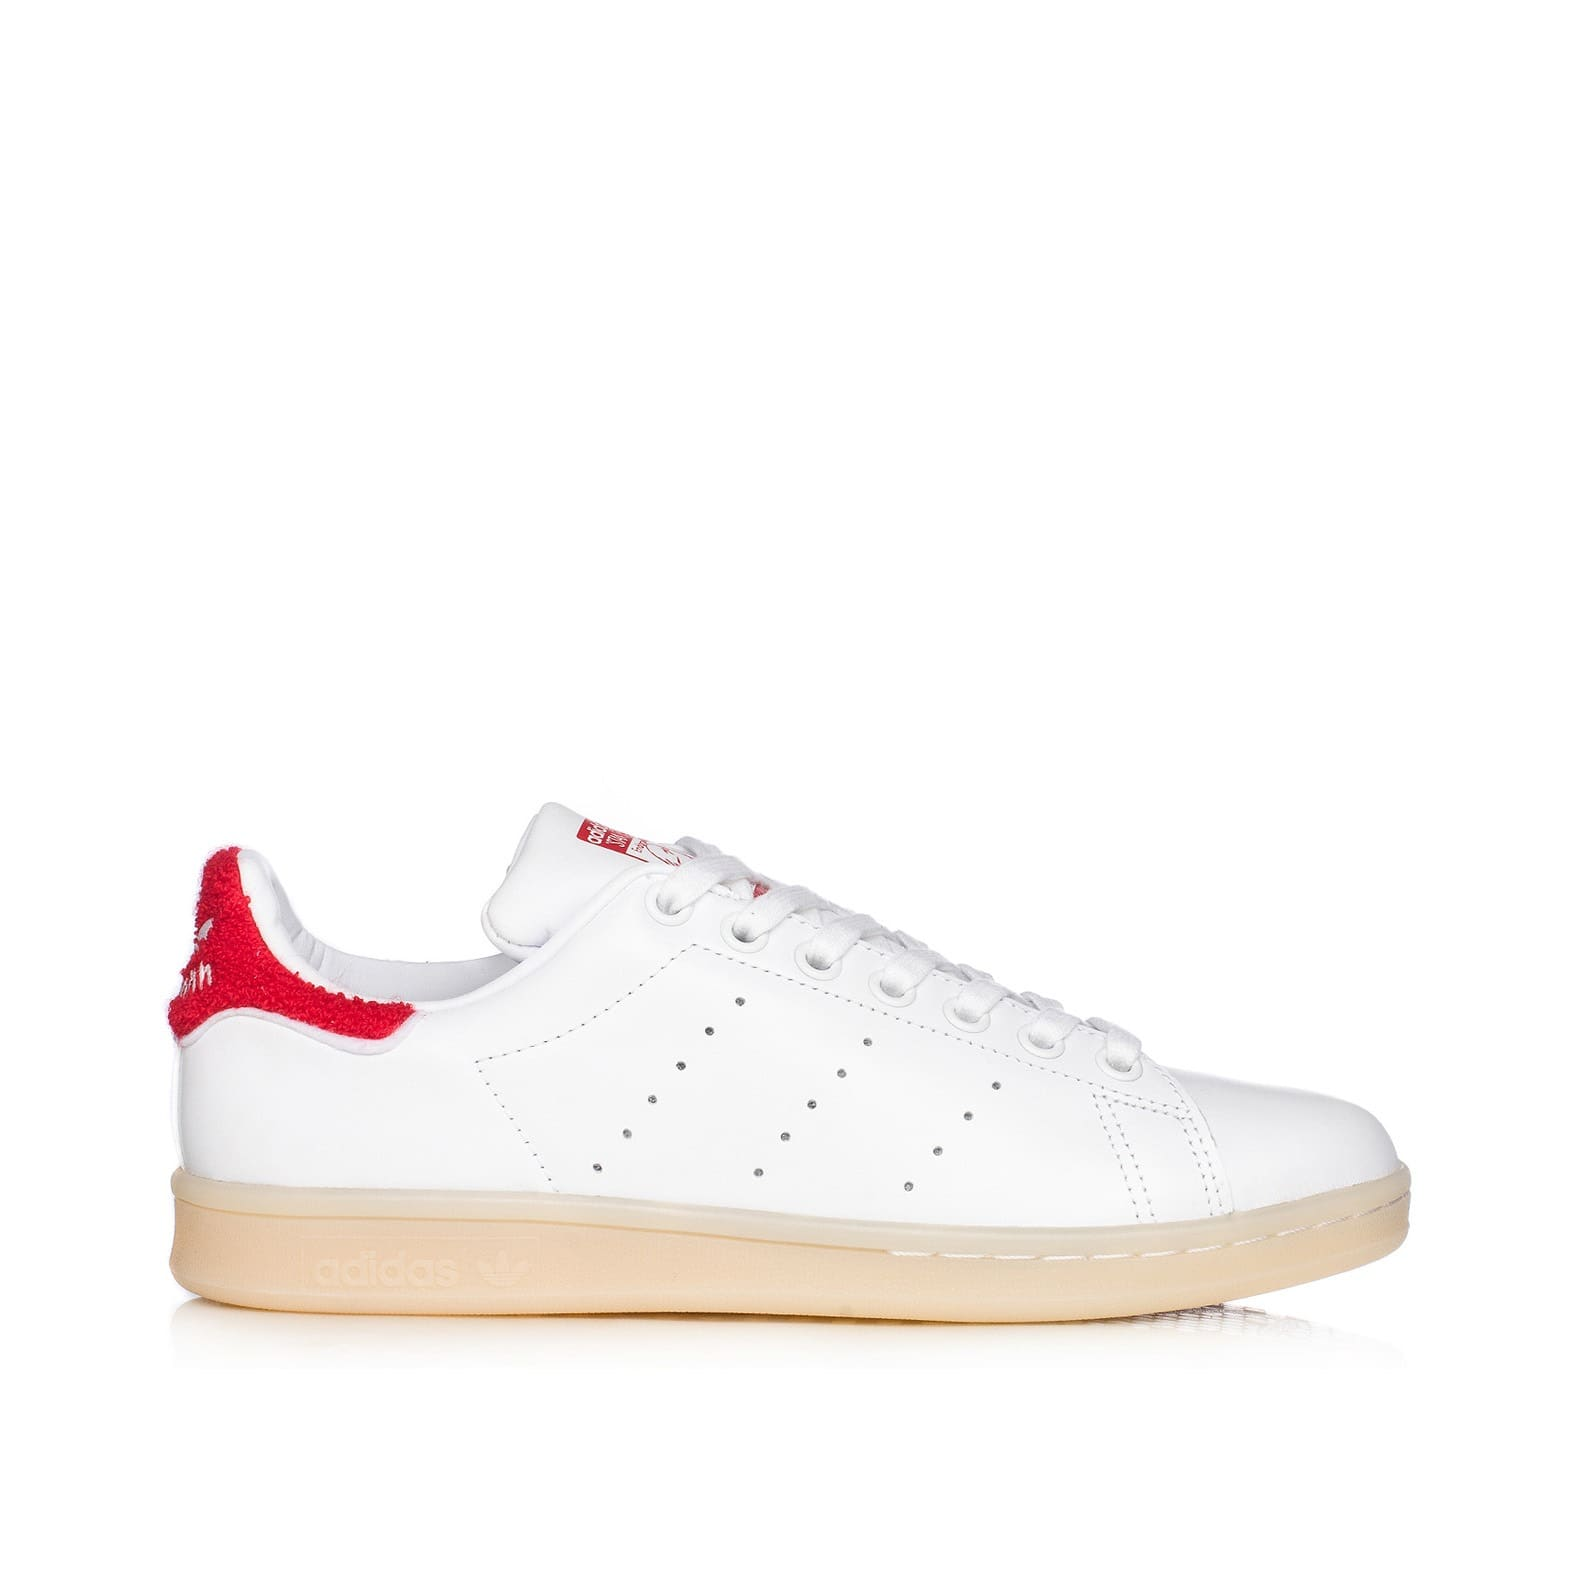 adidas-stan-smith-wmns-white-red-s32256